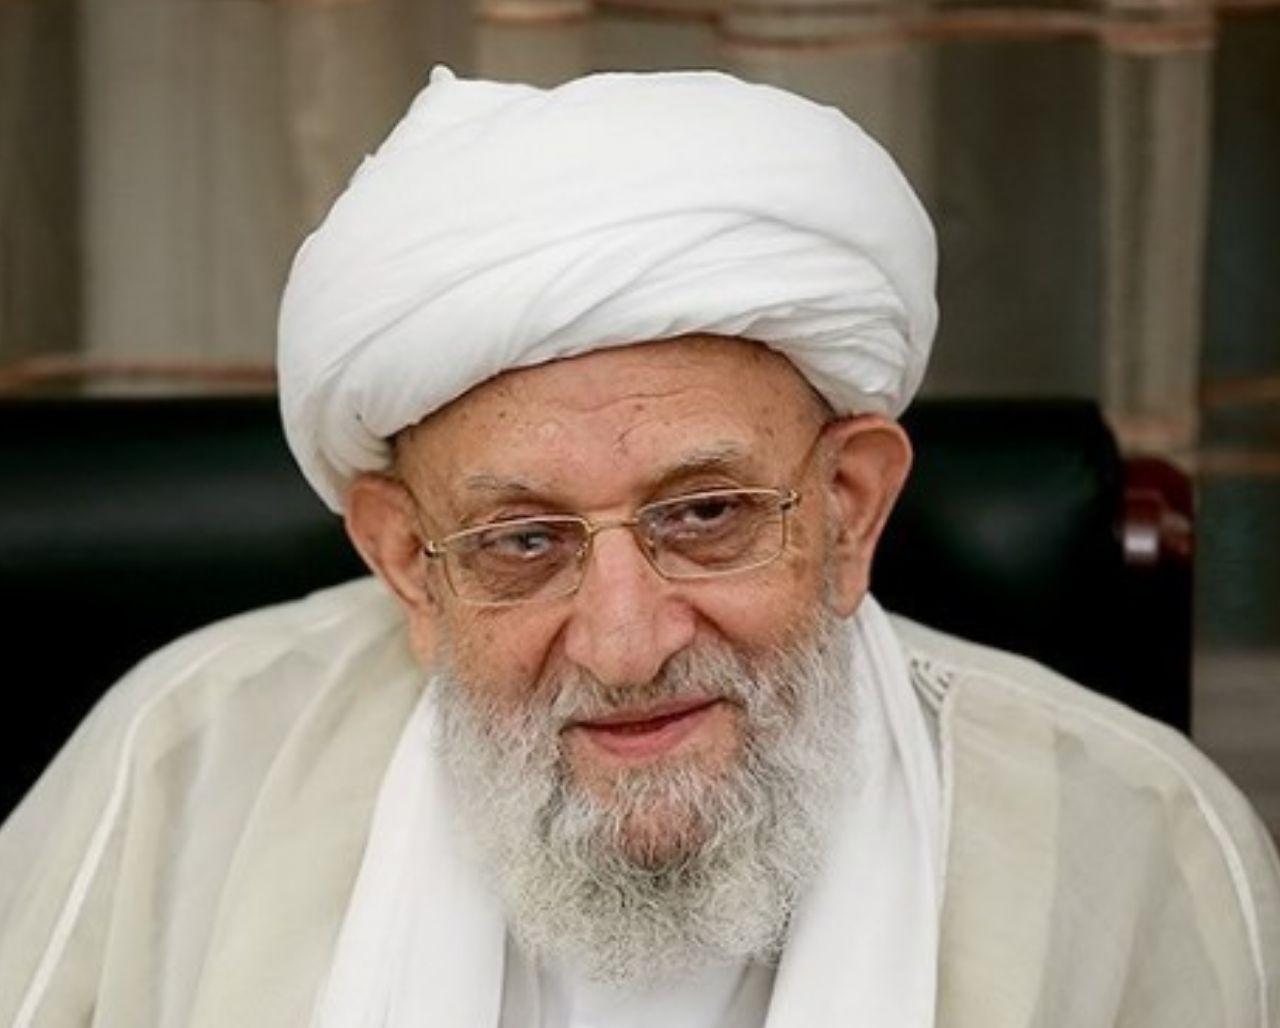 نقش مرحوم آیت الله مهدویکنی در کاندیداتوری آیت الله خامنهای برای ریاست جمهوری + فیلم